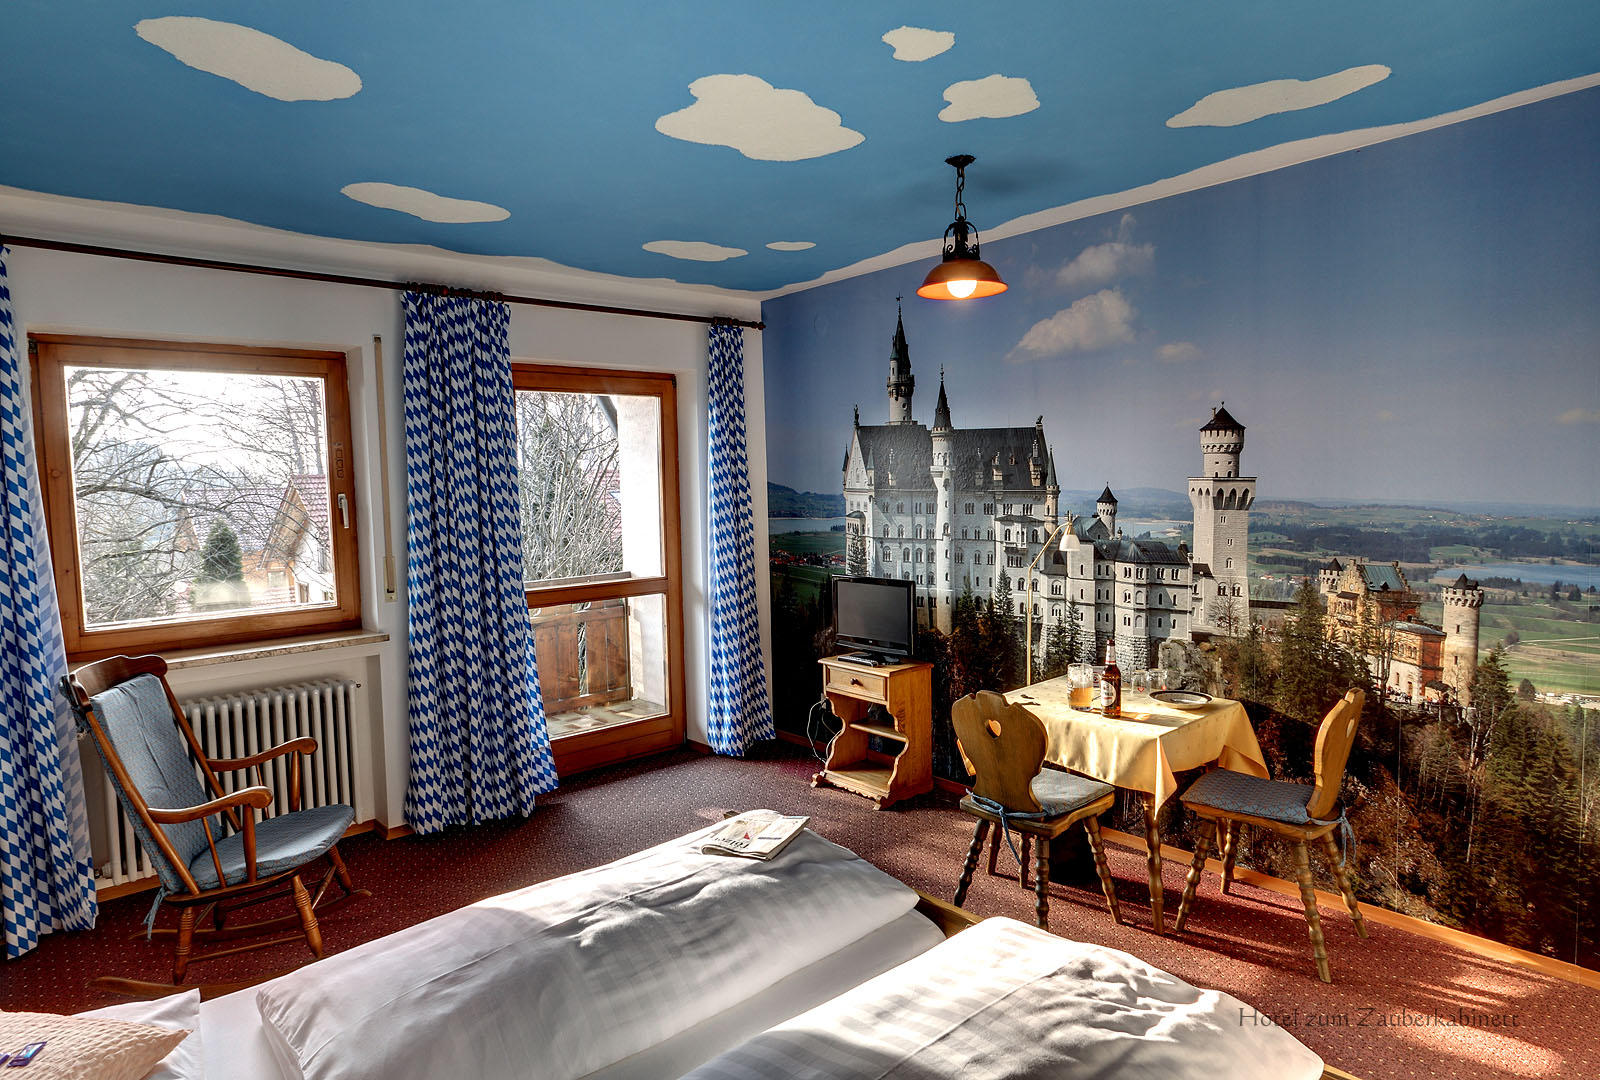 Zimmer Bezauberndes Bayern